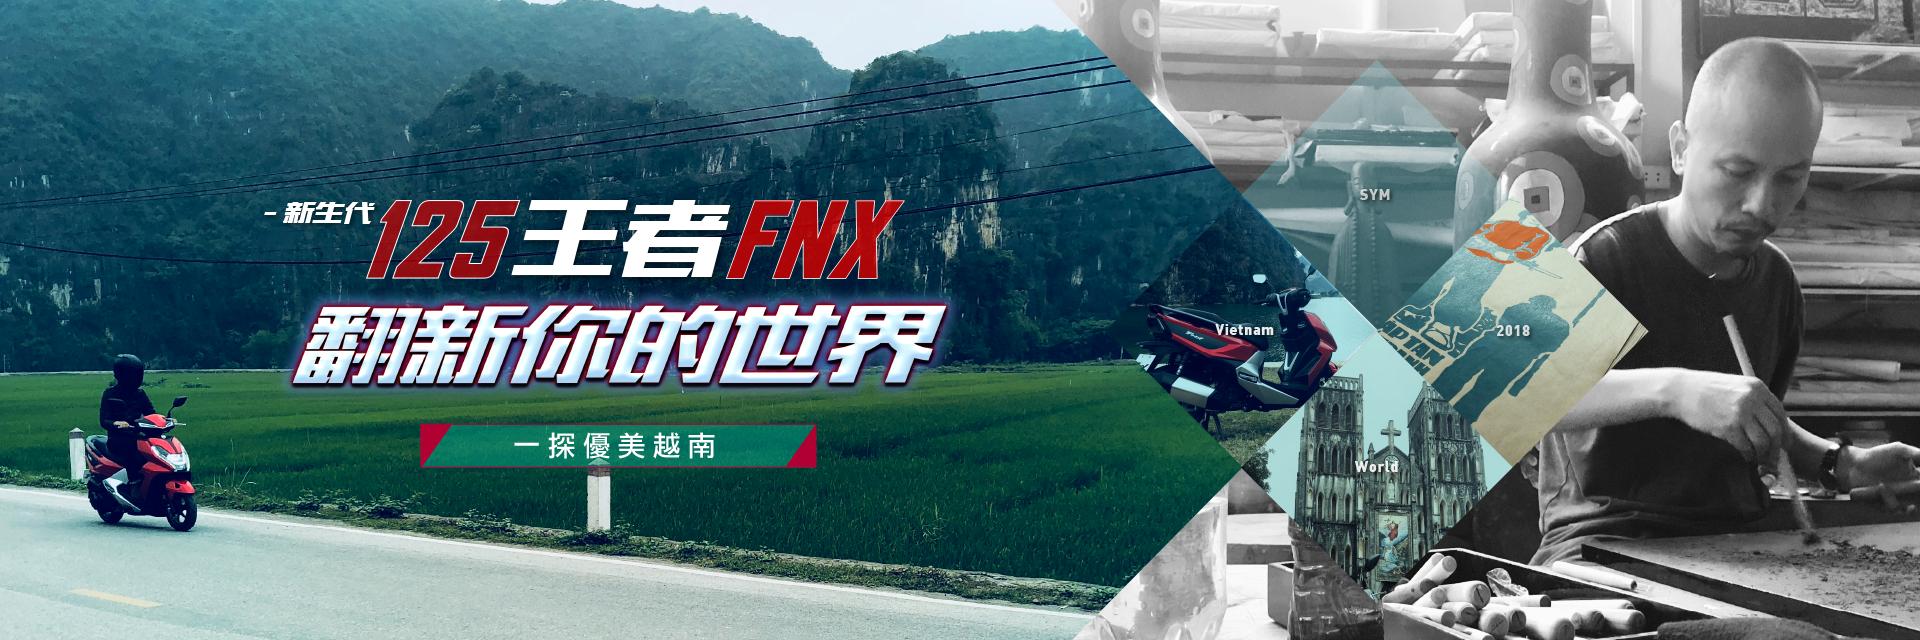 世界美學第五課:一探優美越南,SYM FNX 綻放耀眼美學!